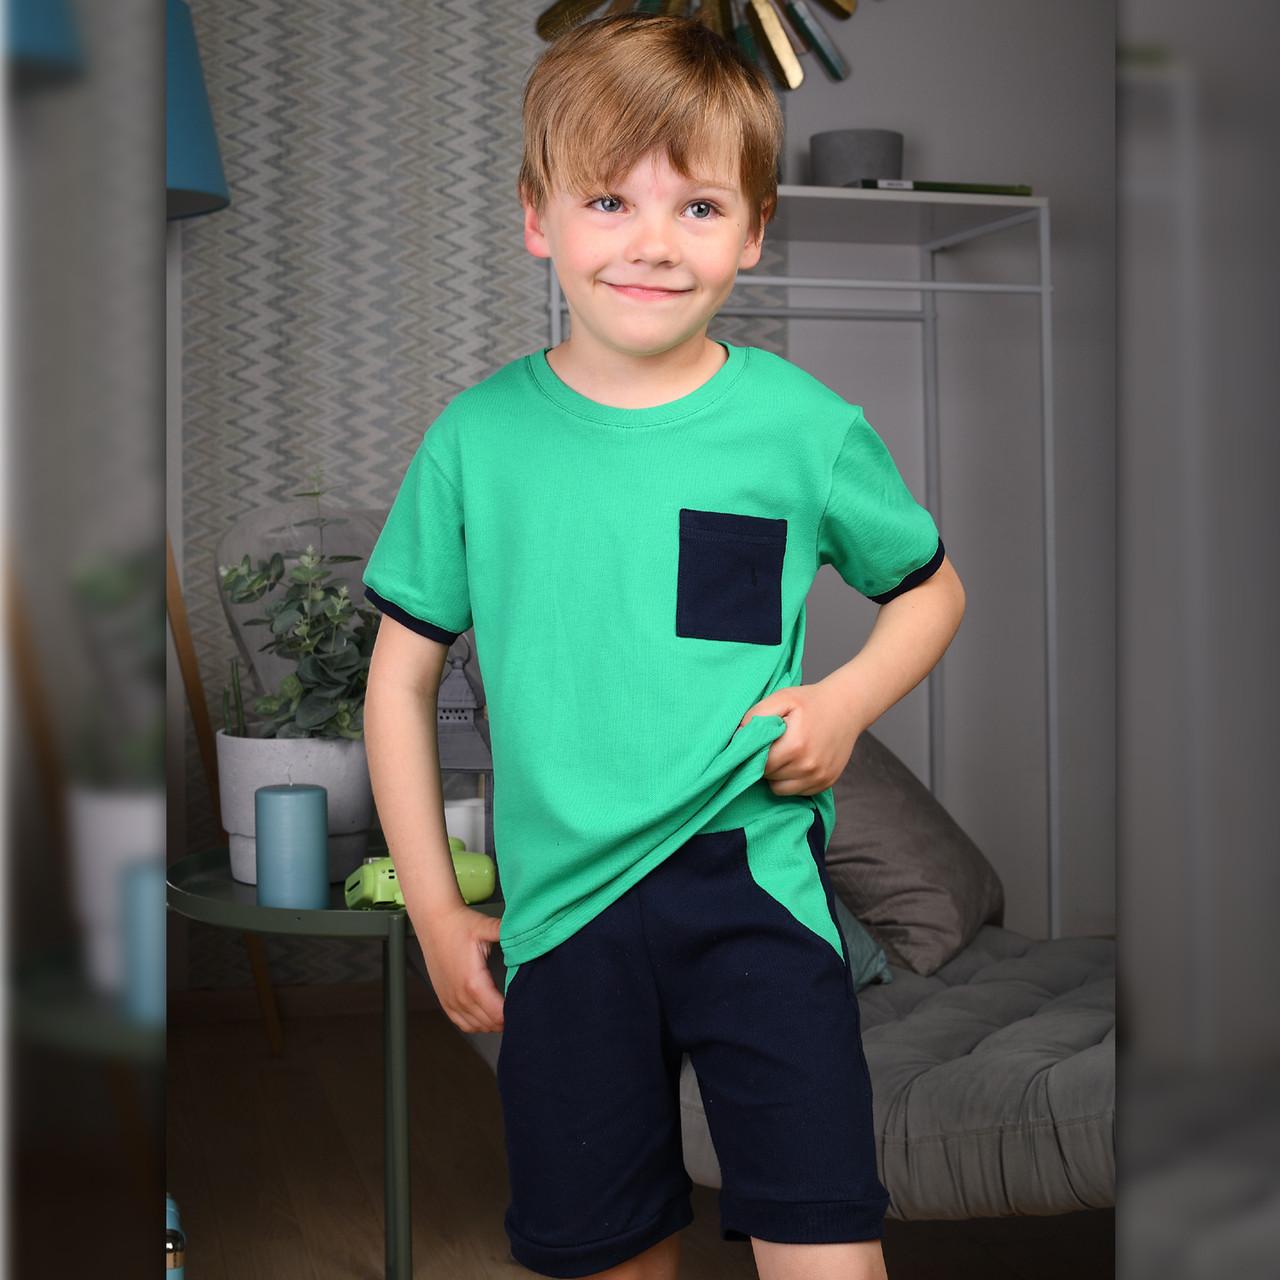 Детский летний костюм для мальчика Зеленый   Дитячий літній костюм для хлопчика